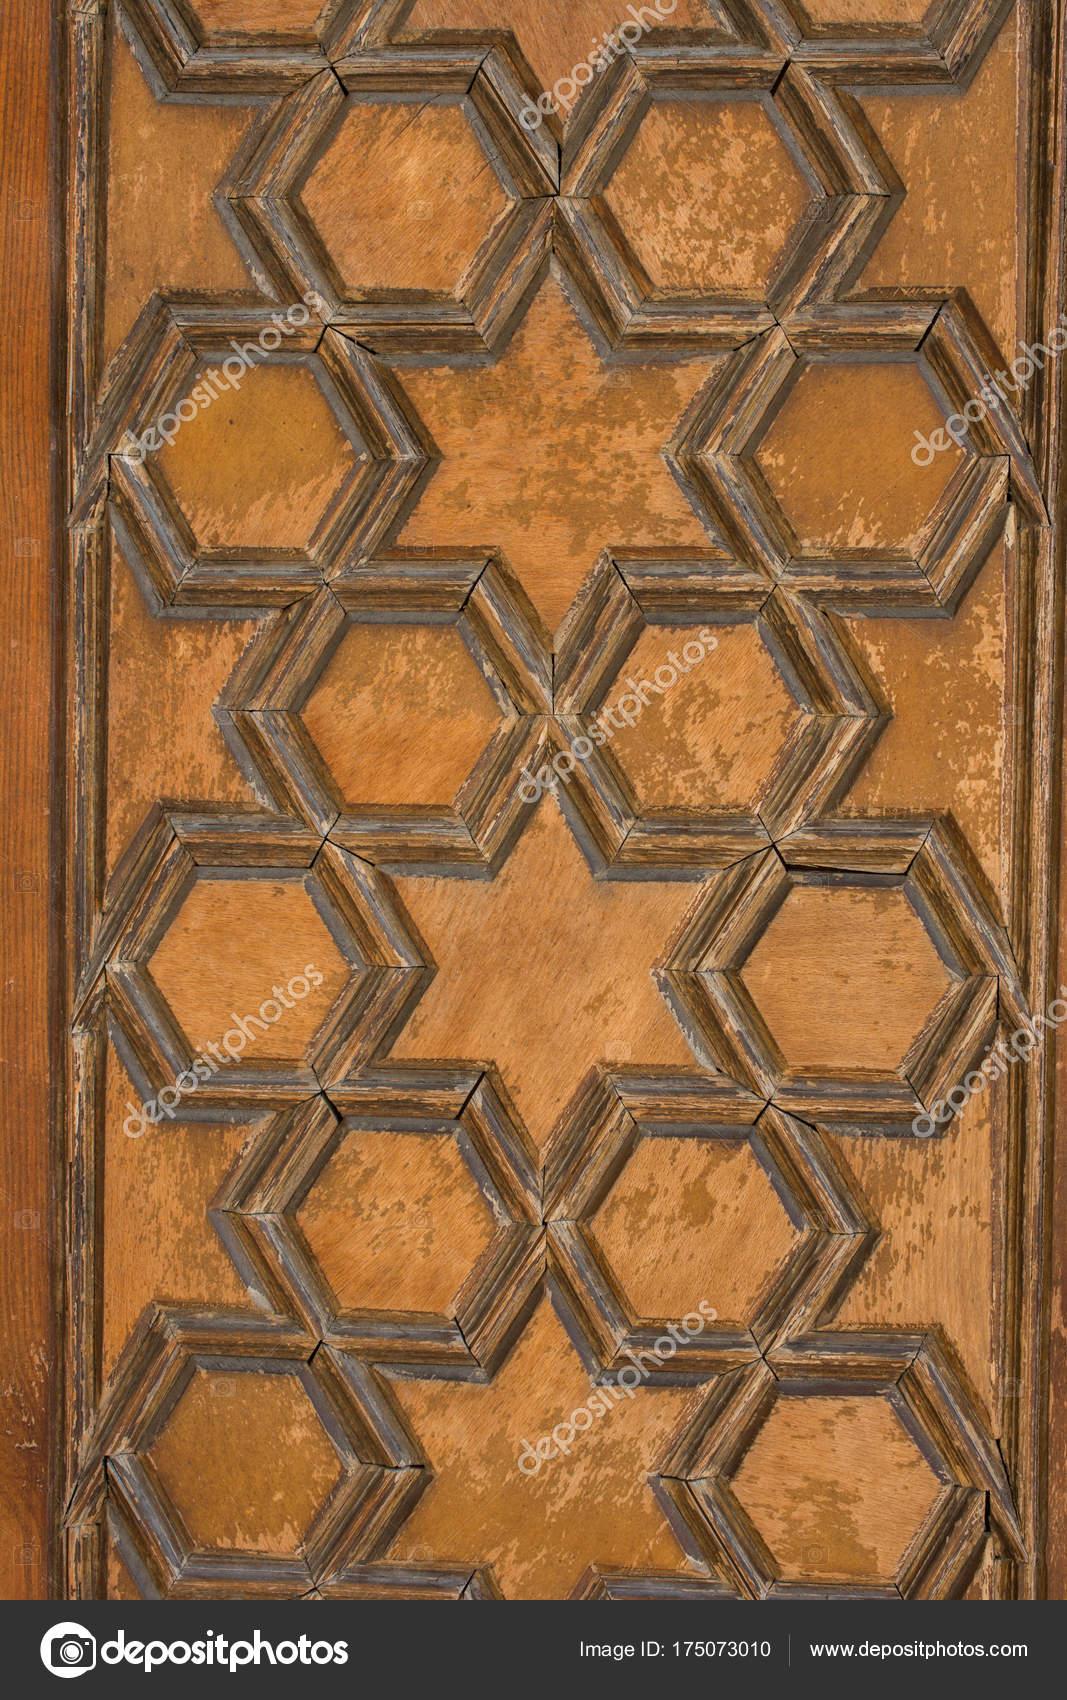 Osmanische Kunst Mit Geometrischen Mustern Auf Holz Stockfoto